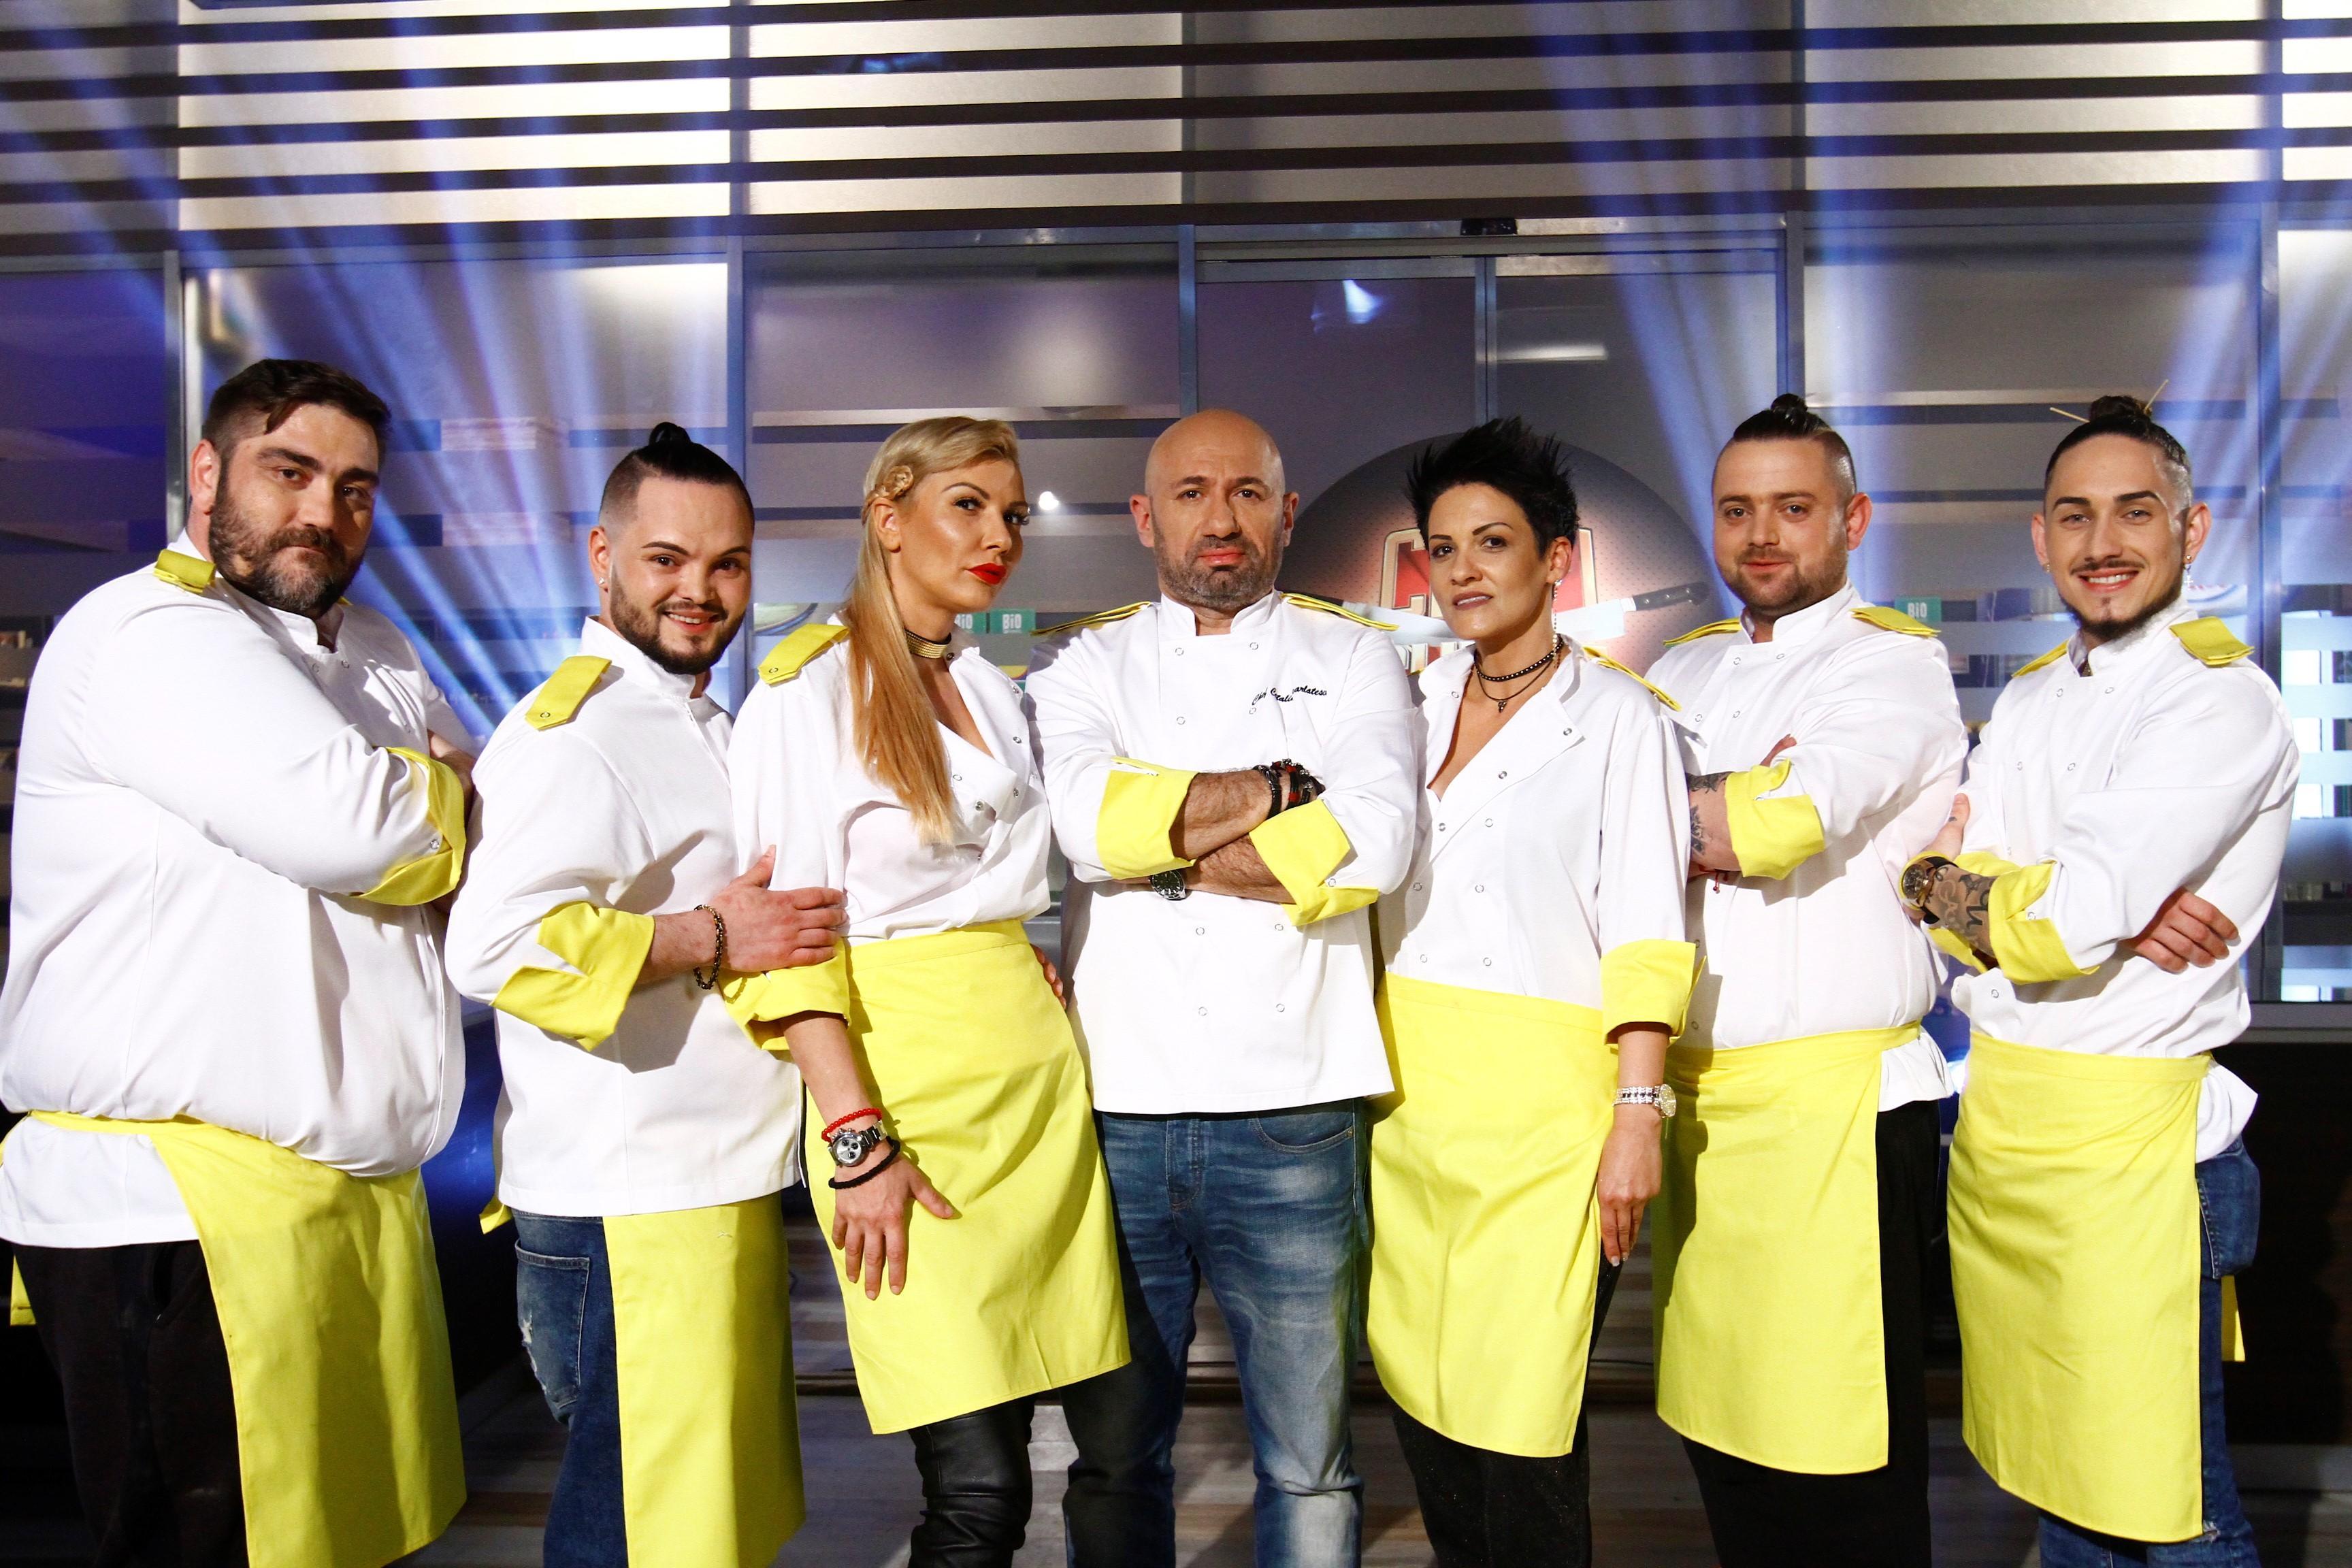 Bucătarii lui Scărlătescu vor defila în echipa galbenă! Poveștile concurenților aleși pe sprânceană de chef Cătălin